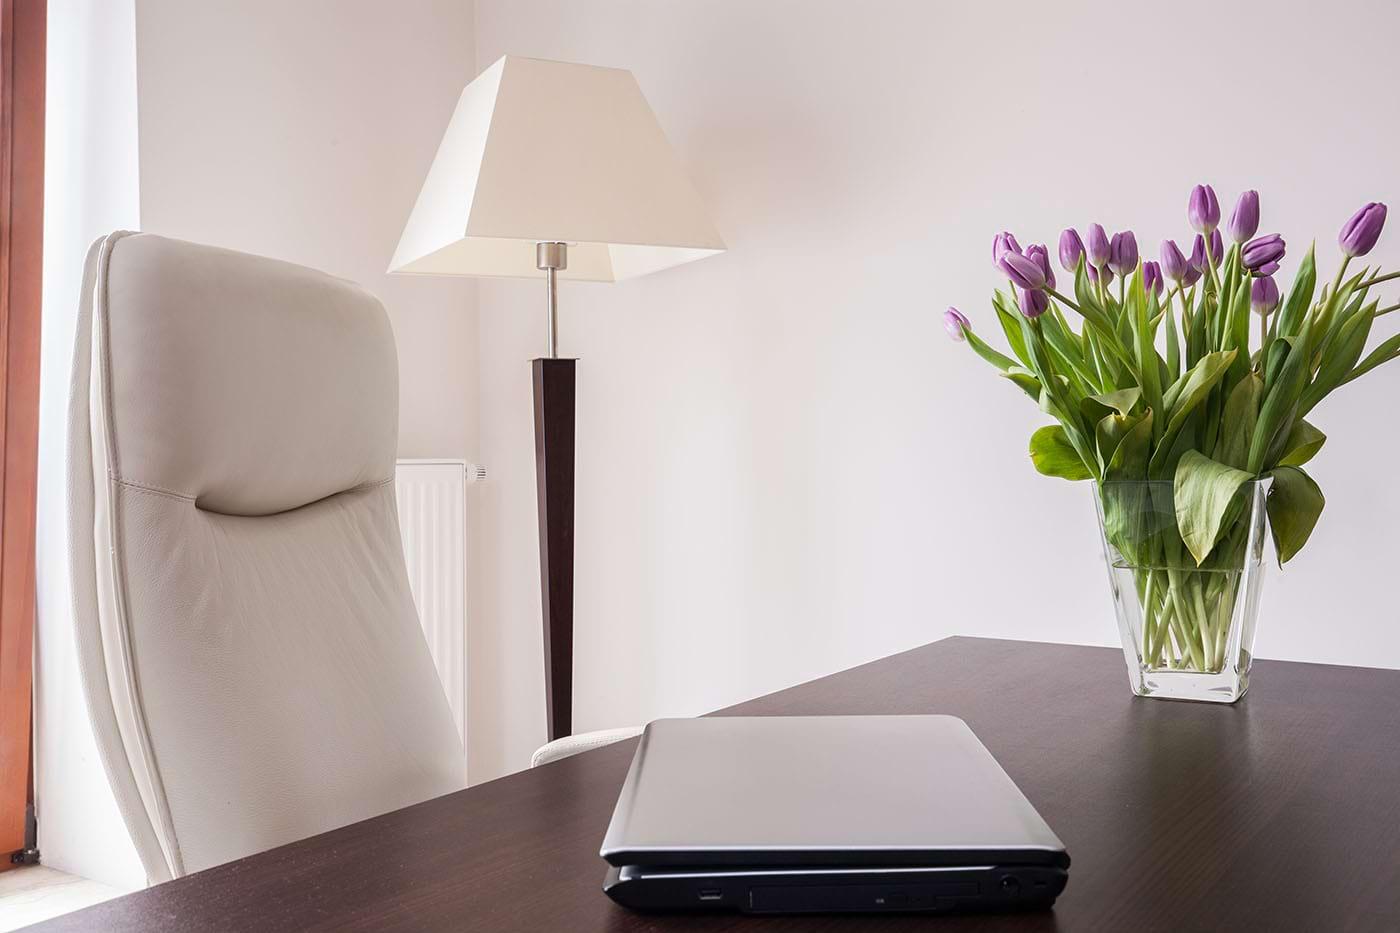 O vază cu flori în casă îți poate îmbunătăți starea de spirit și somnul